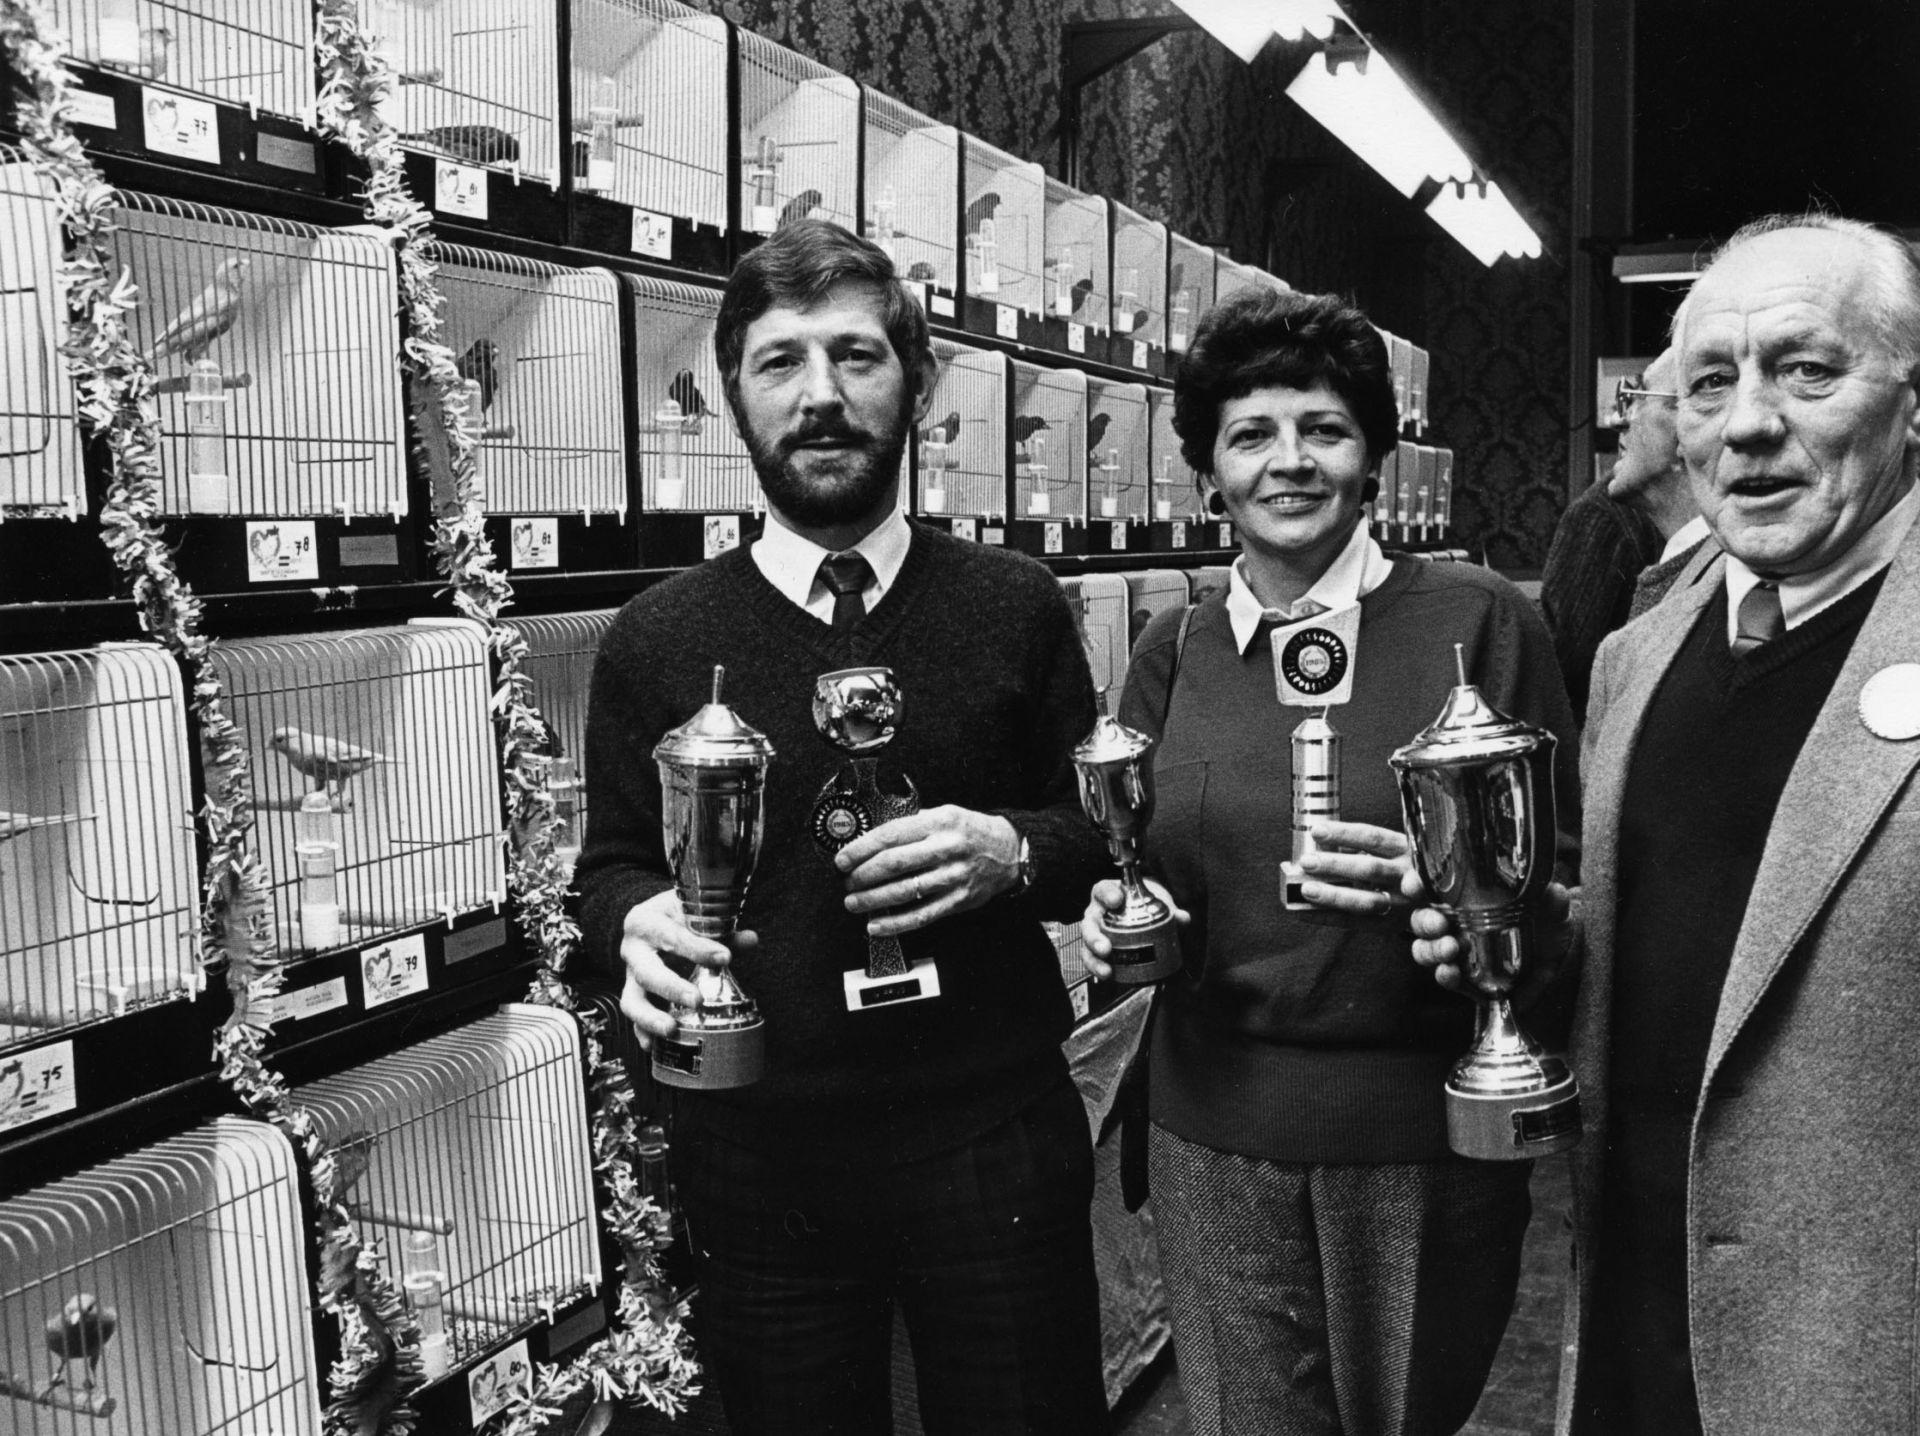 De geschiedenis van Delden in Beeld - Vogelshow in december 1985